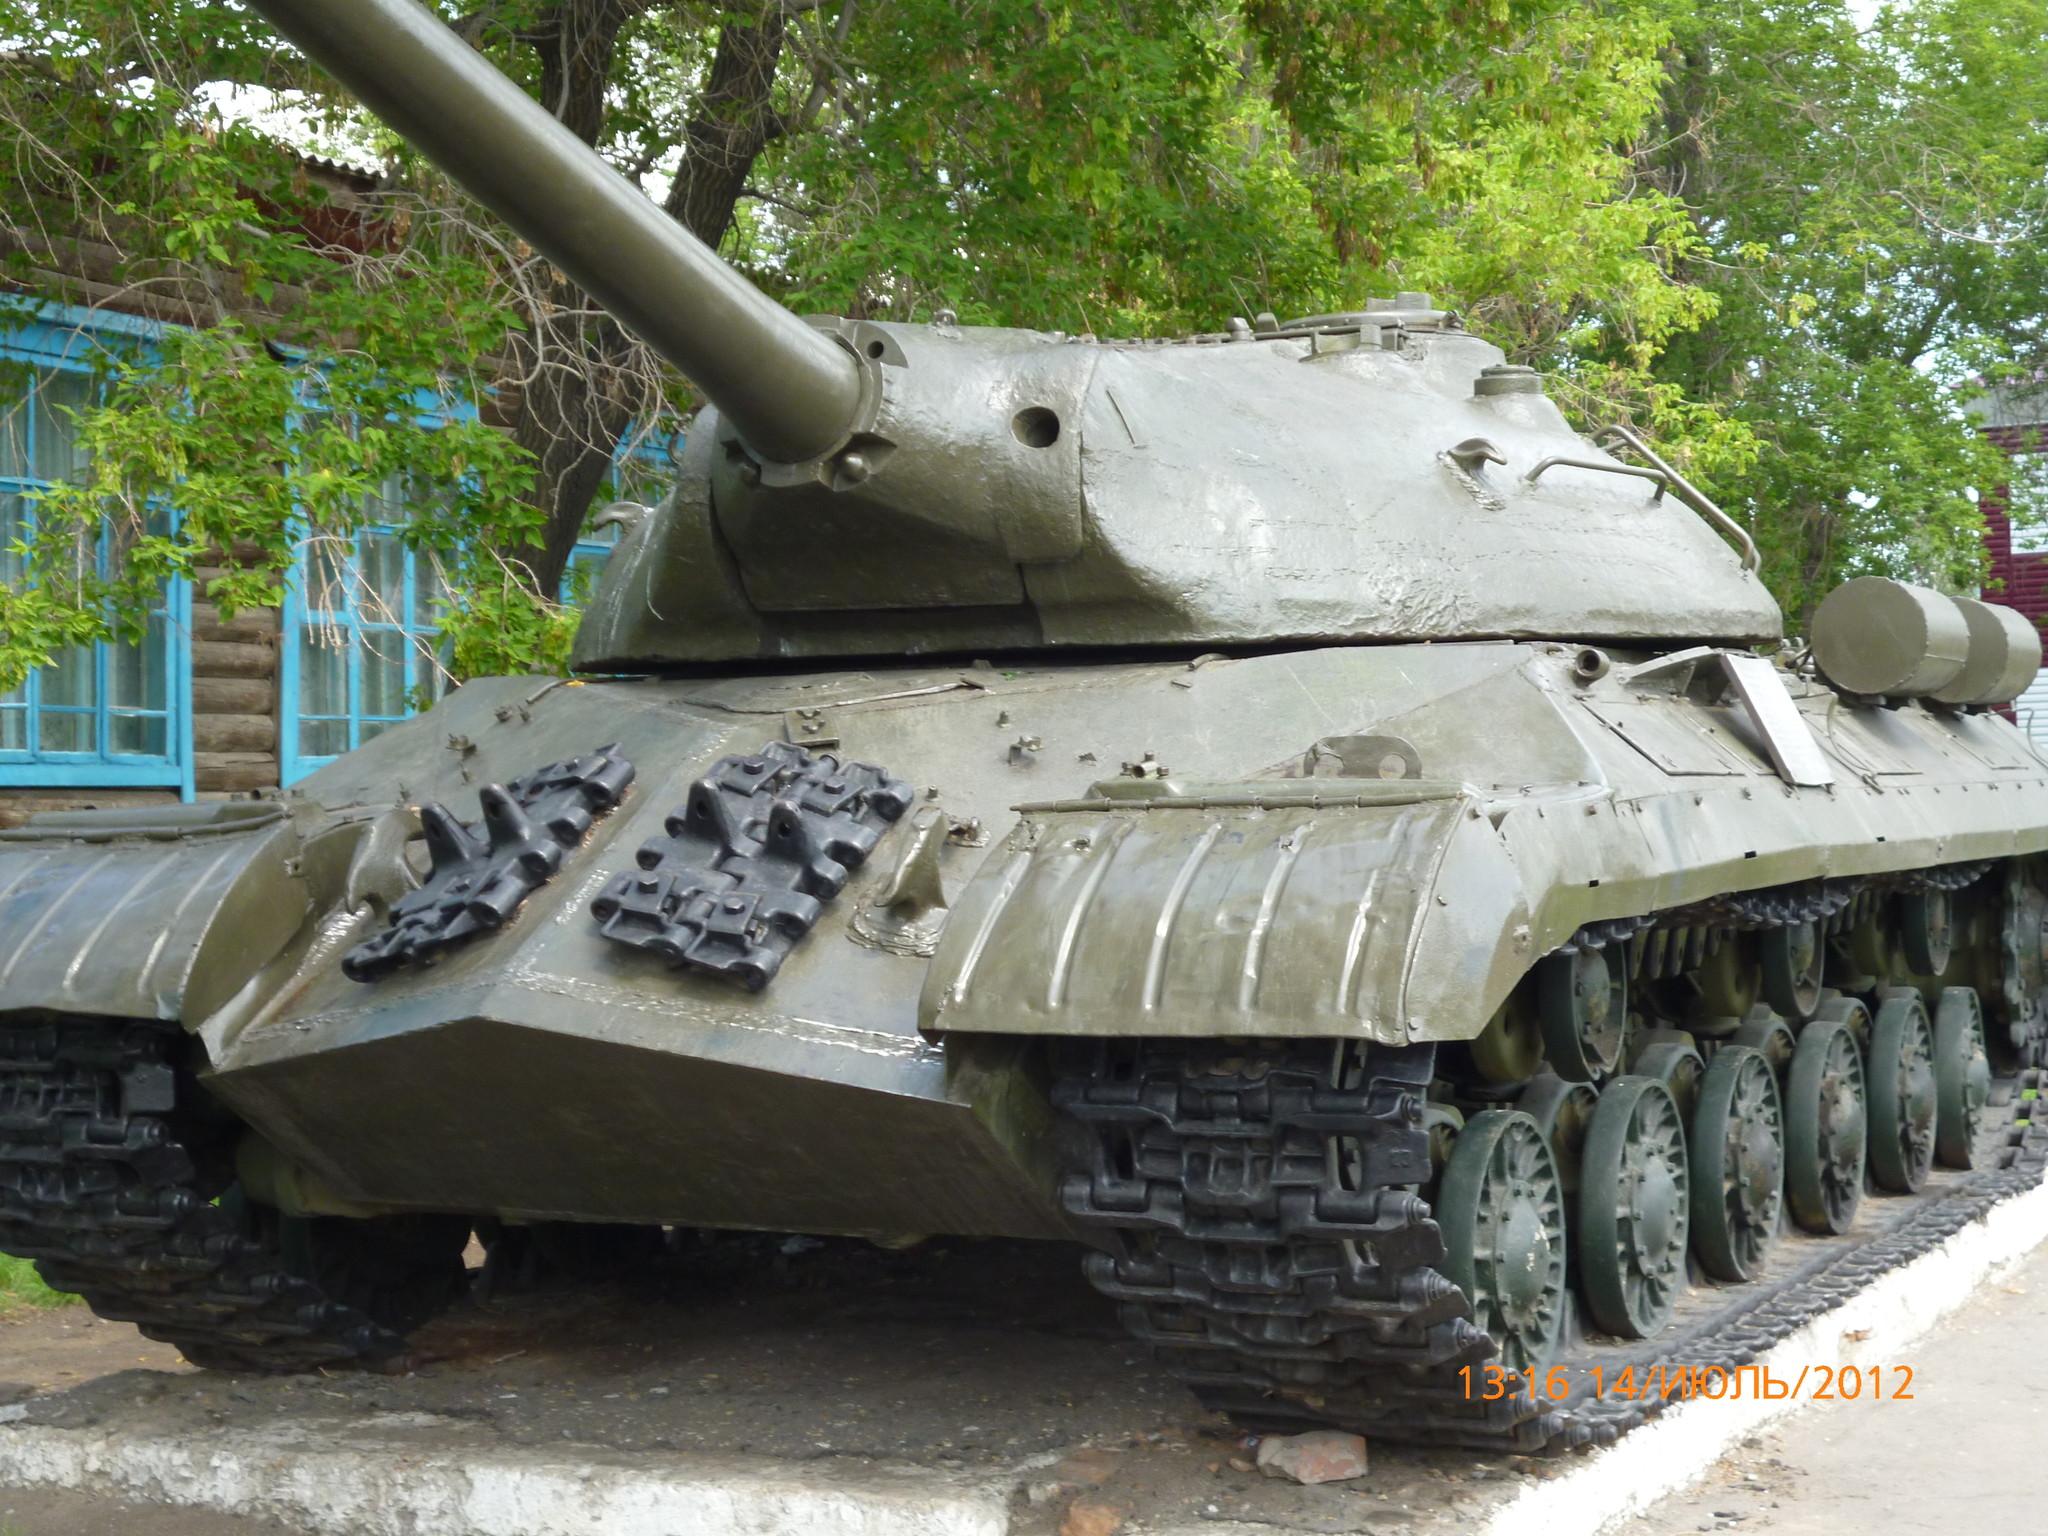 ИС-3 (Объект 703). Благовещенка, Алтайский край